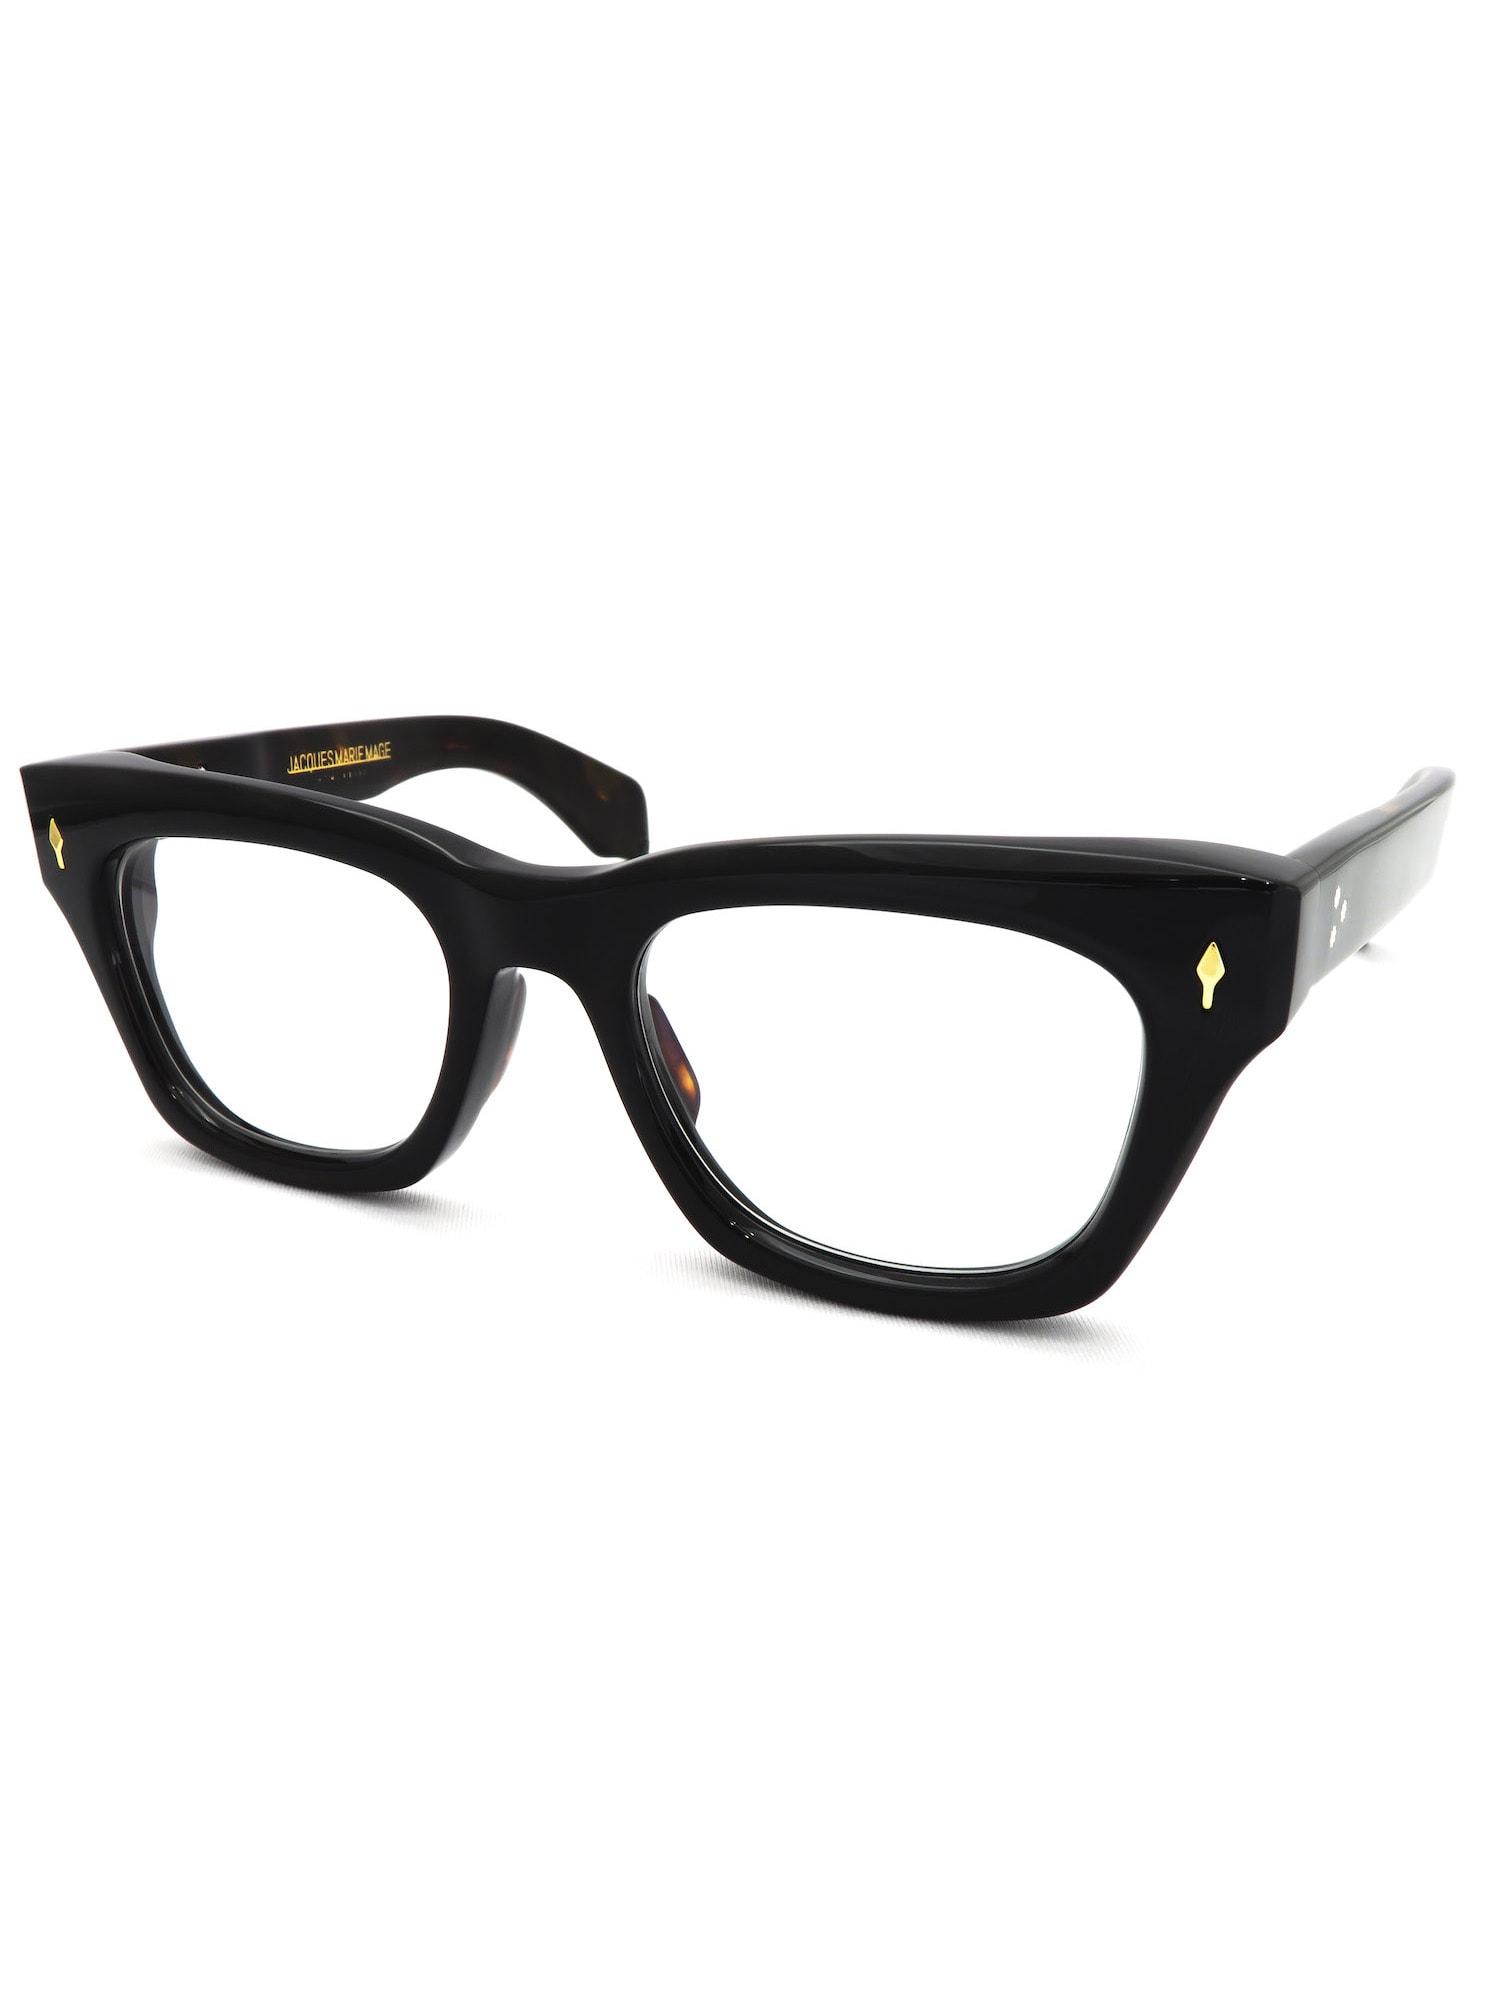 DEALAN Eyewear